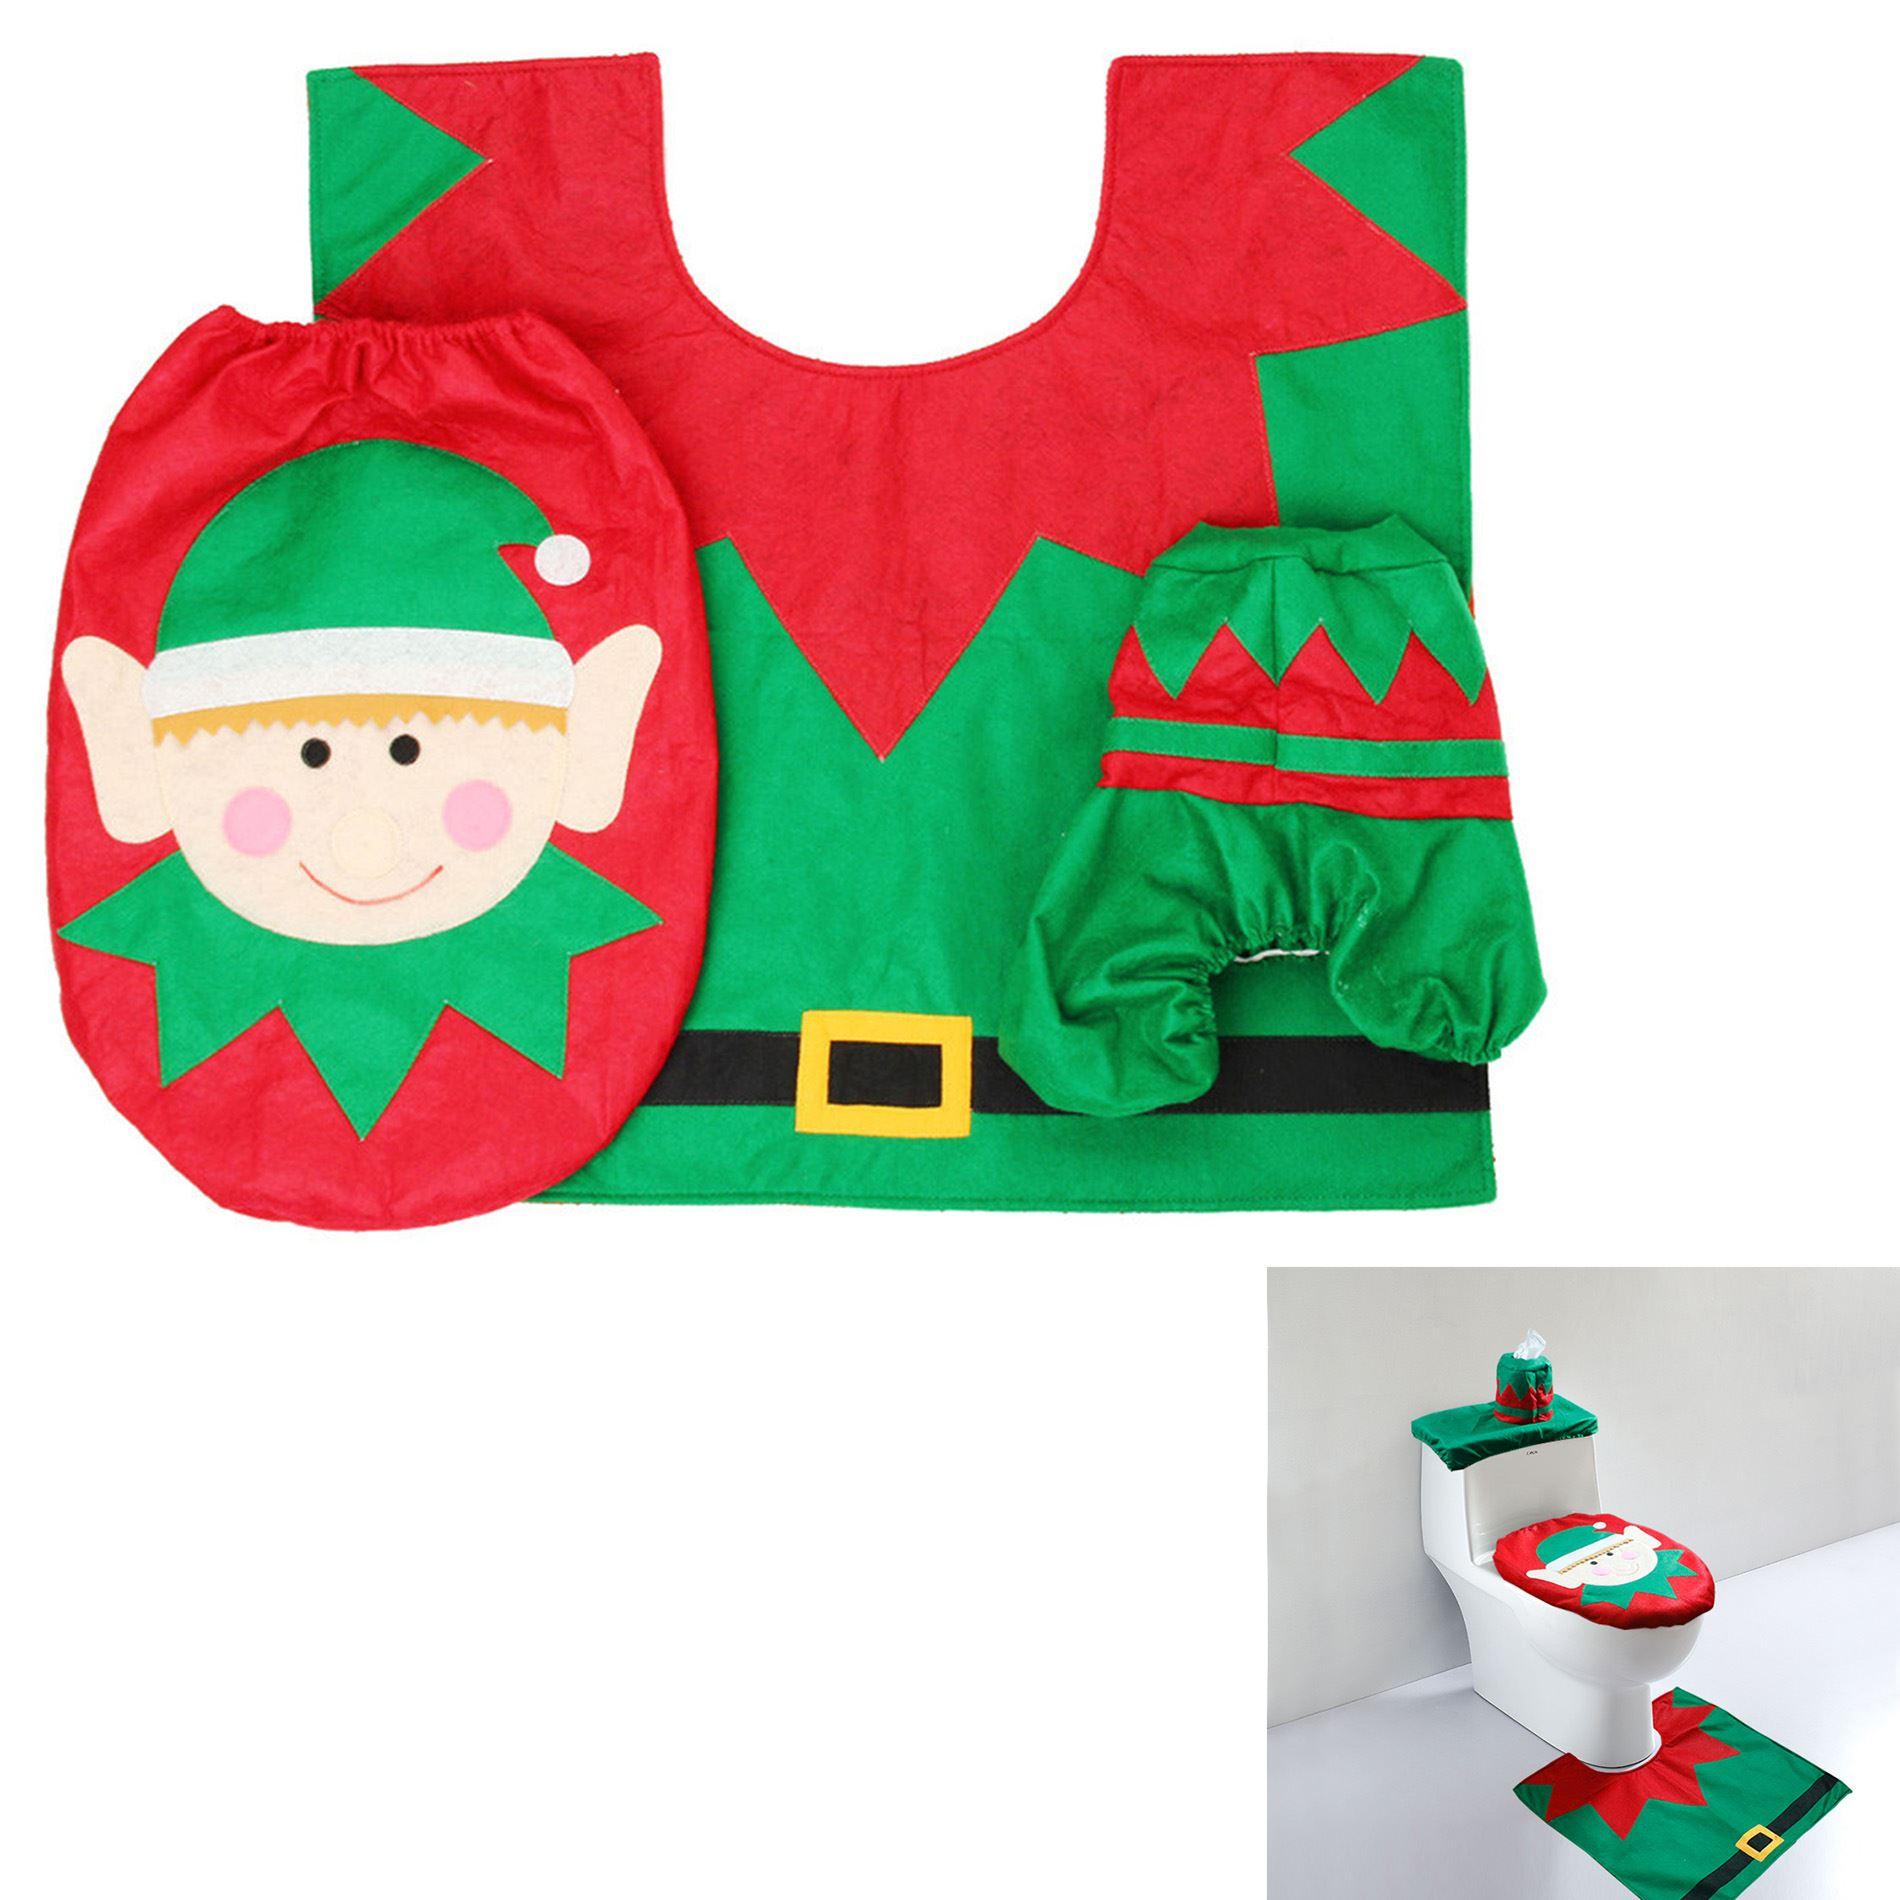 Decorazione-Natalizia-Natale-Casa-Bagno-Toilet-Seat-Cover-Set-Babbo-Natale-Elfo-Pupazzo-di-neve miniatura 4